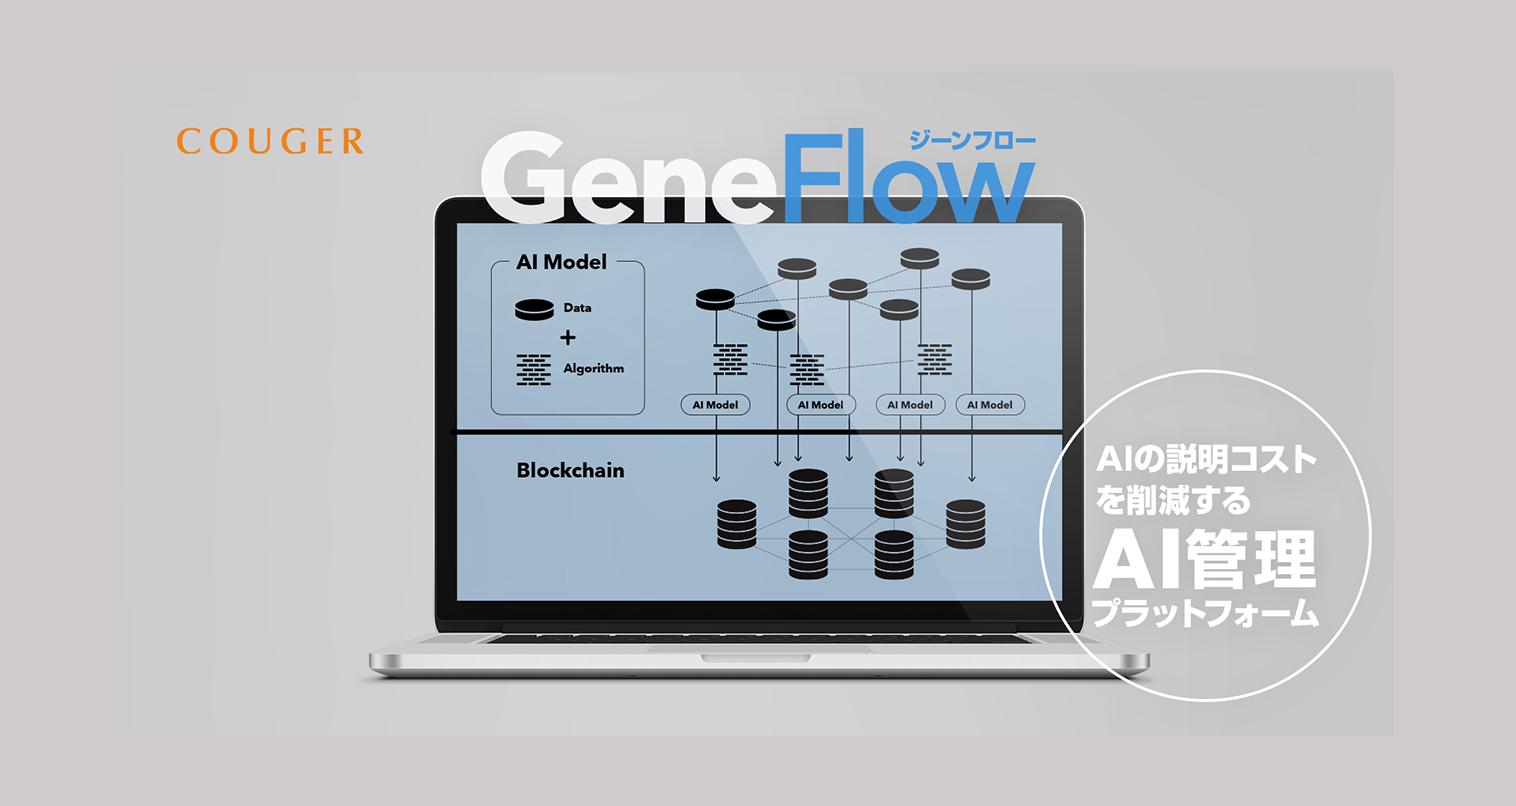 ブロックチェーン上でAIの学習履歴や動作を管理するプラットフォーム「GeneFlow」β版の提供を開始──AIの学習履歴の透明性を担保し、プロジェクト管理をサポート